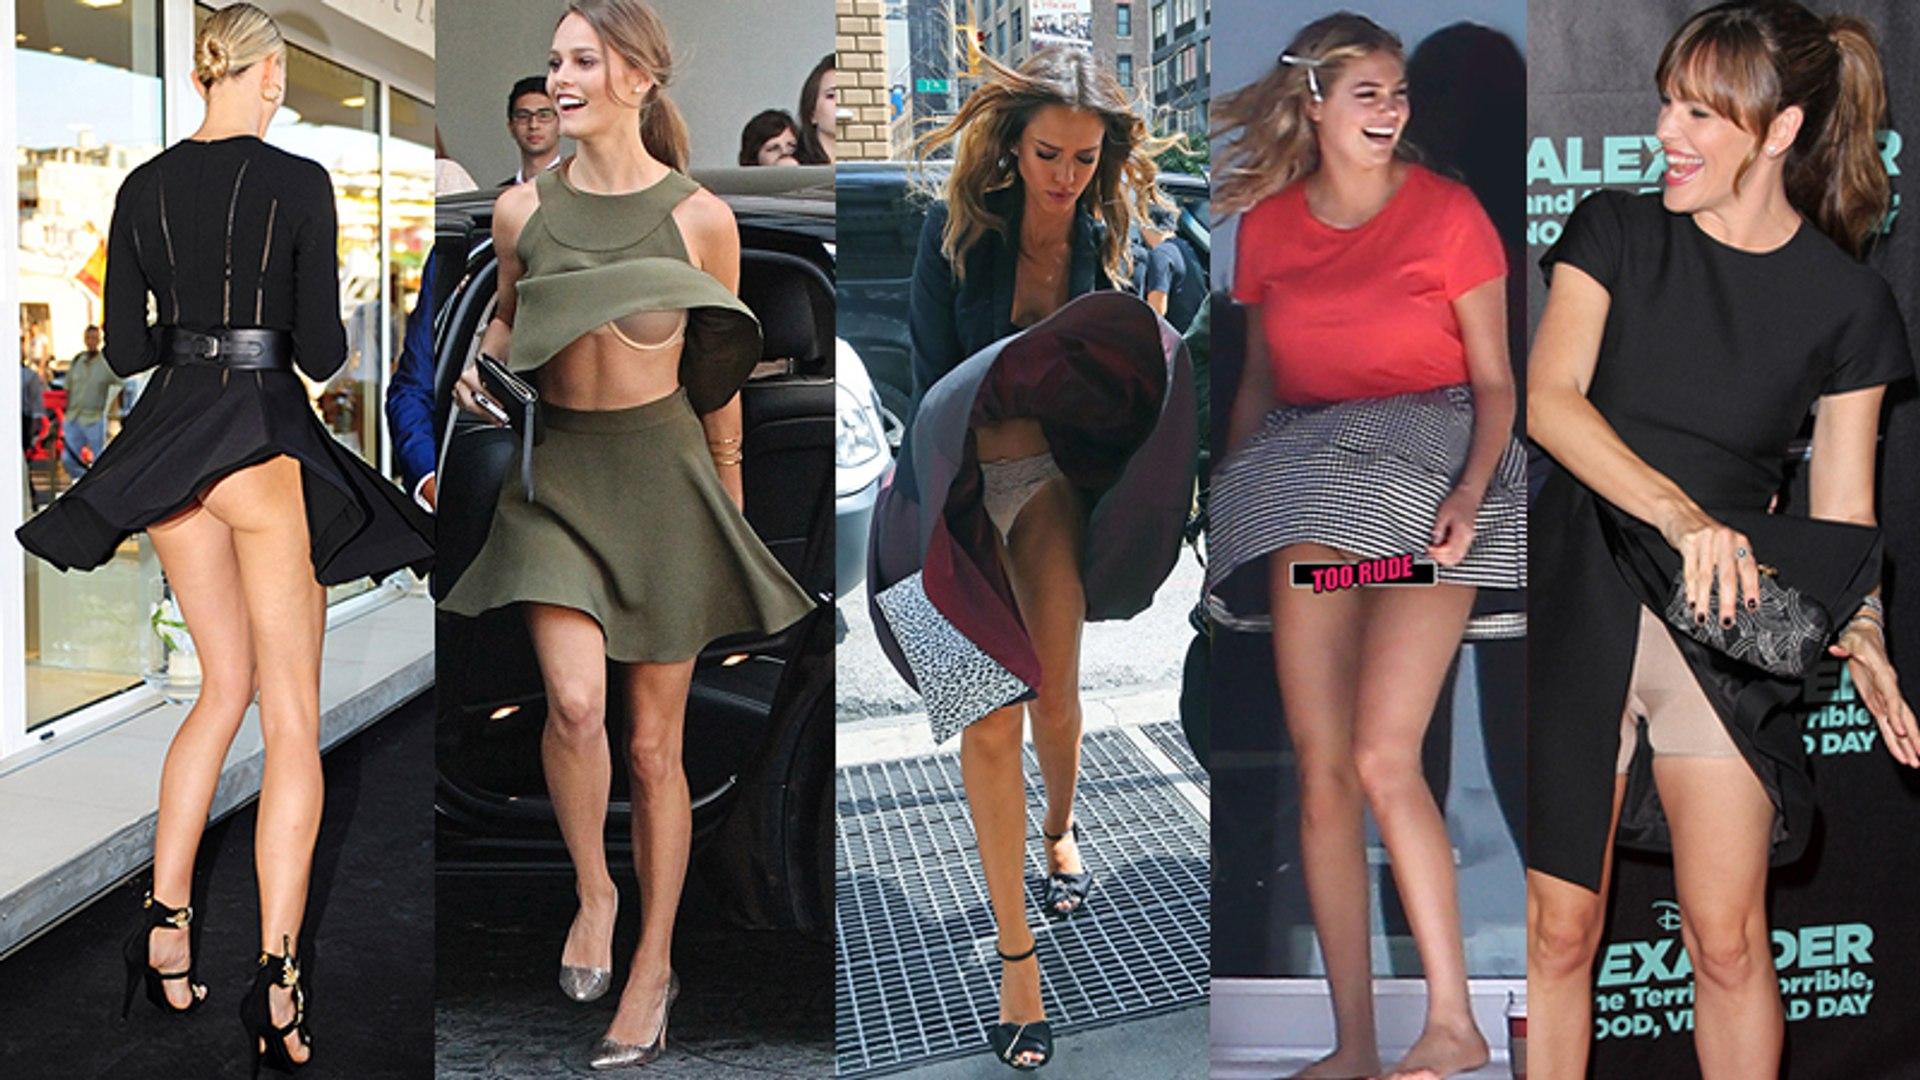 Wardrobe malfunction worst 10 Shocking